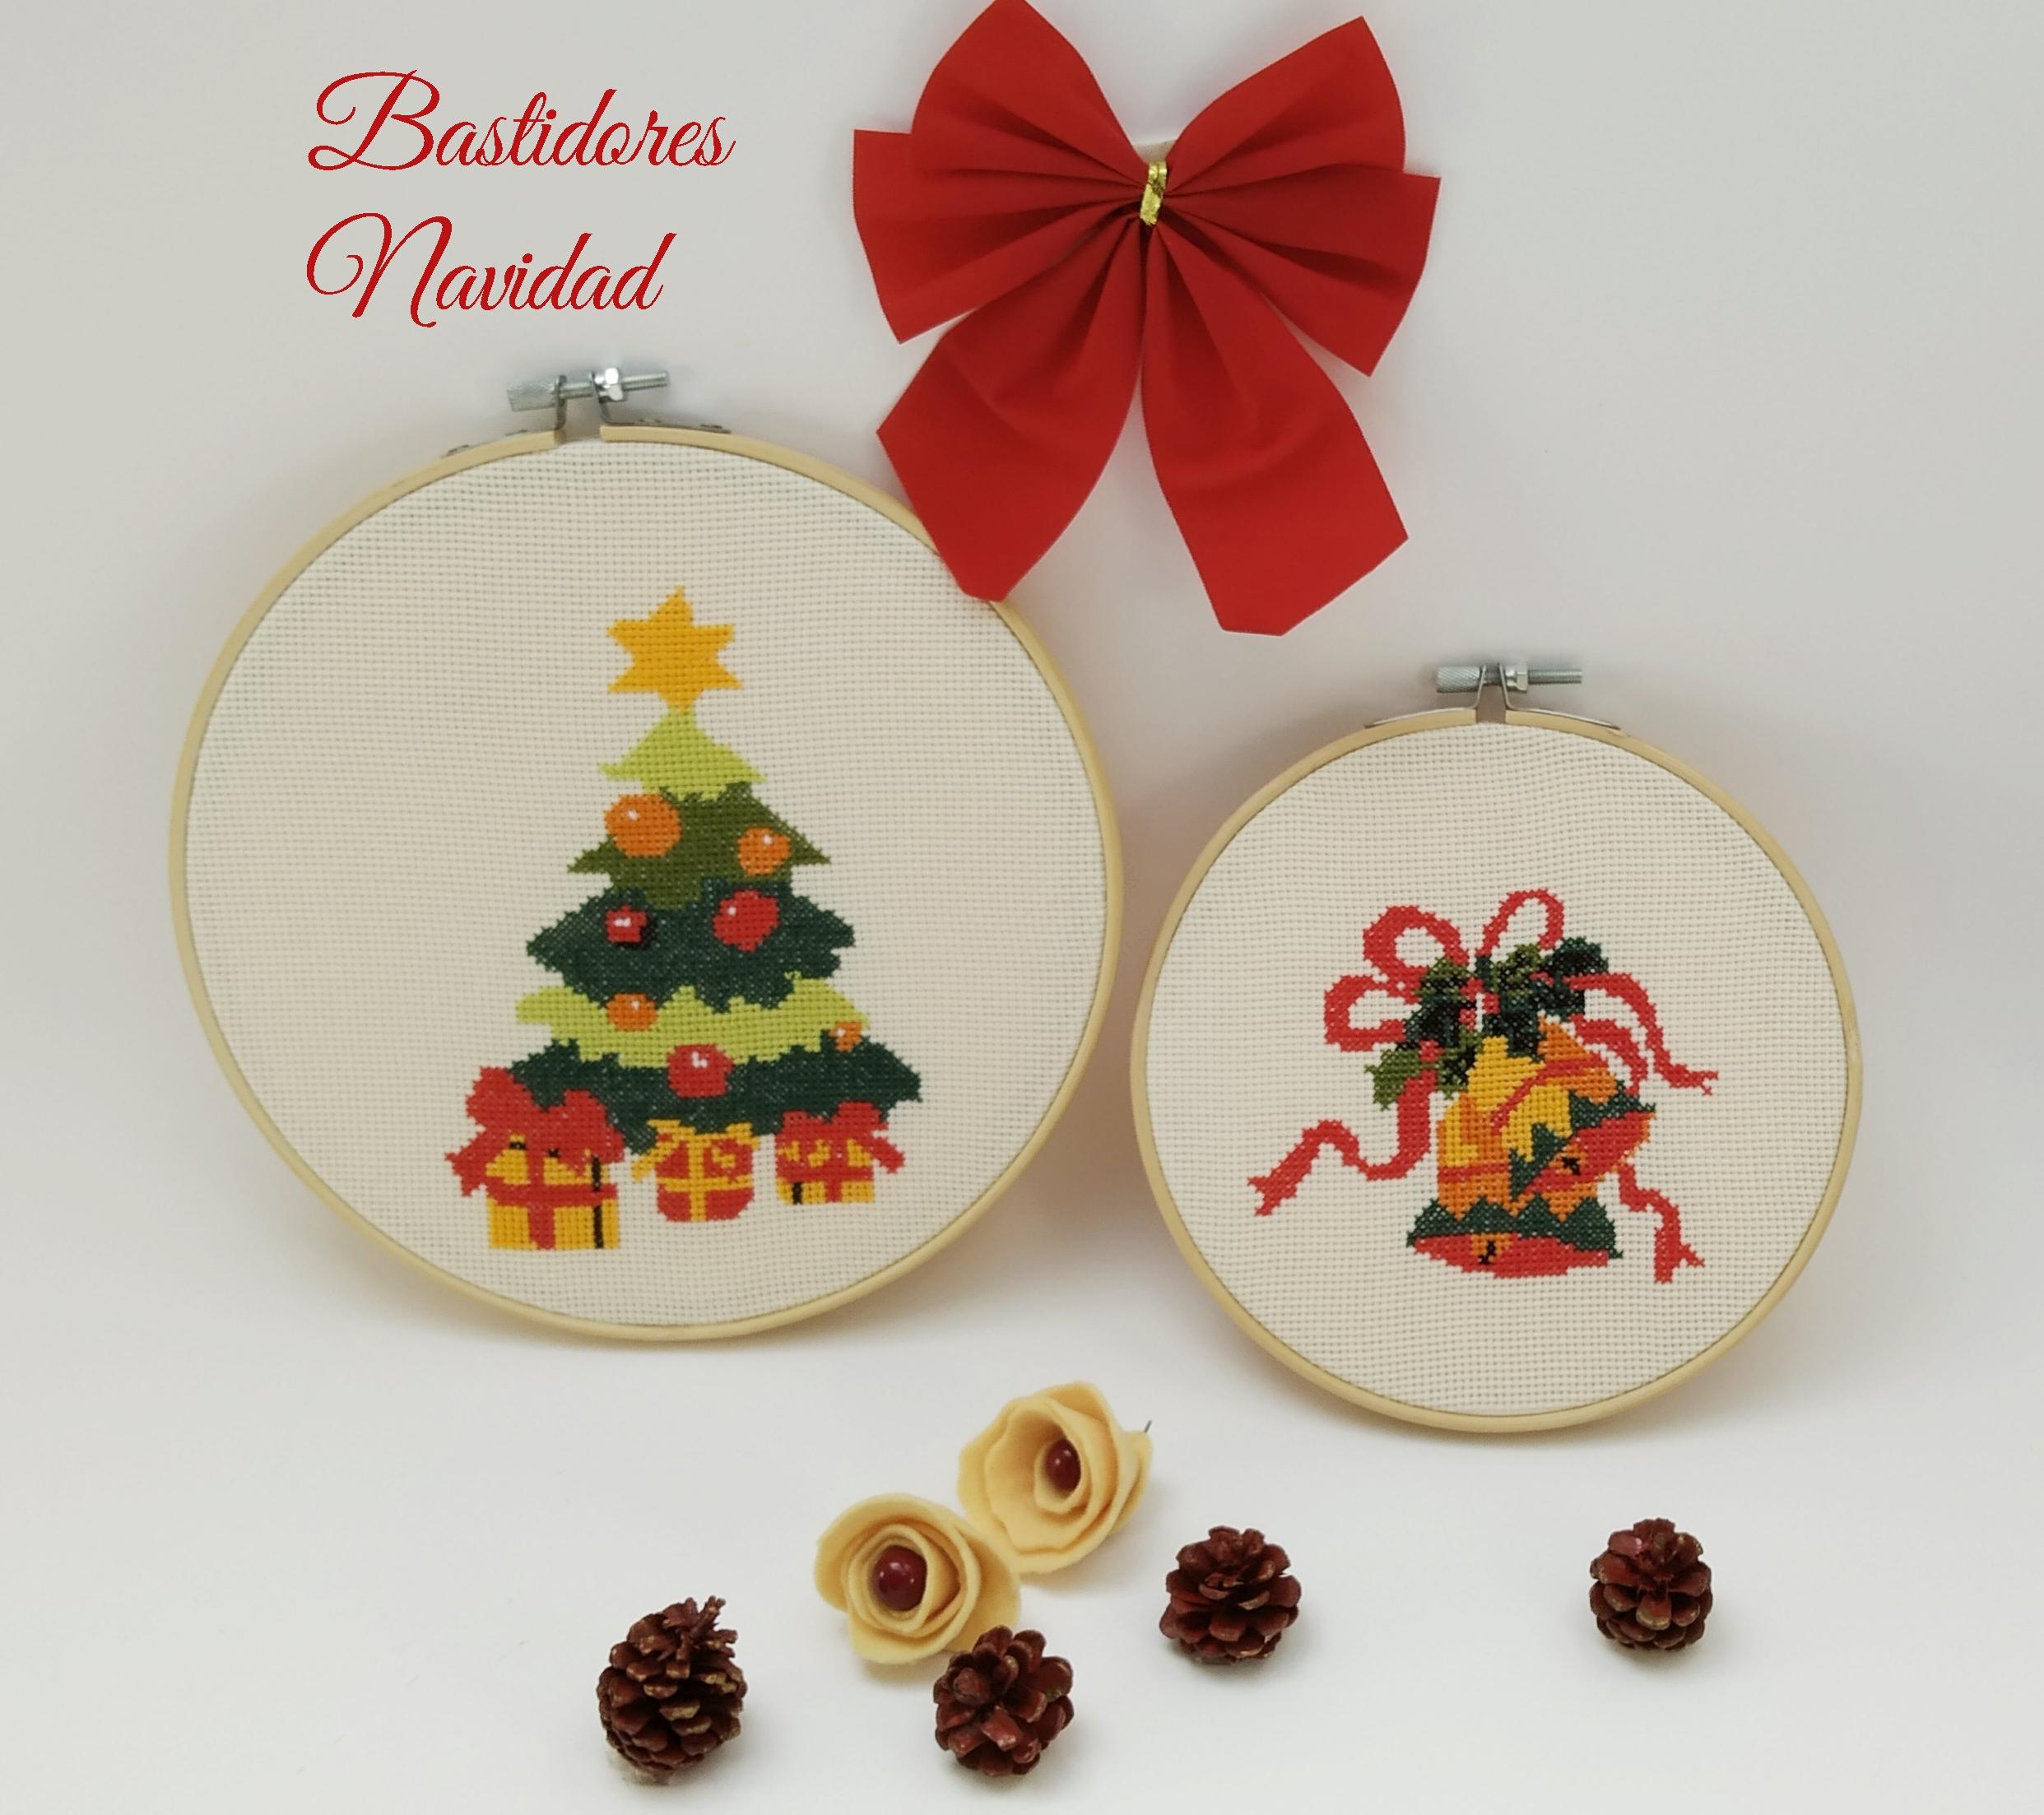 Manualidades Caseras Inma_ bastidores navidad